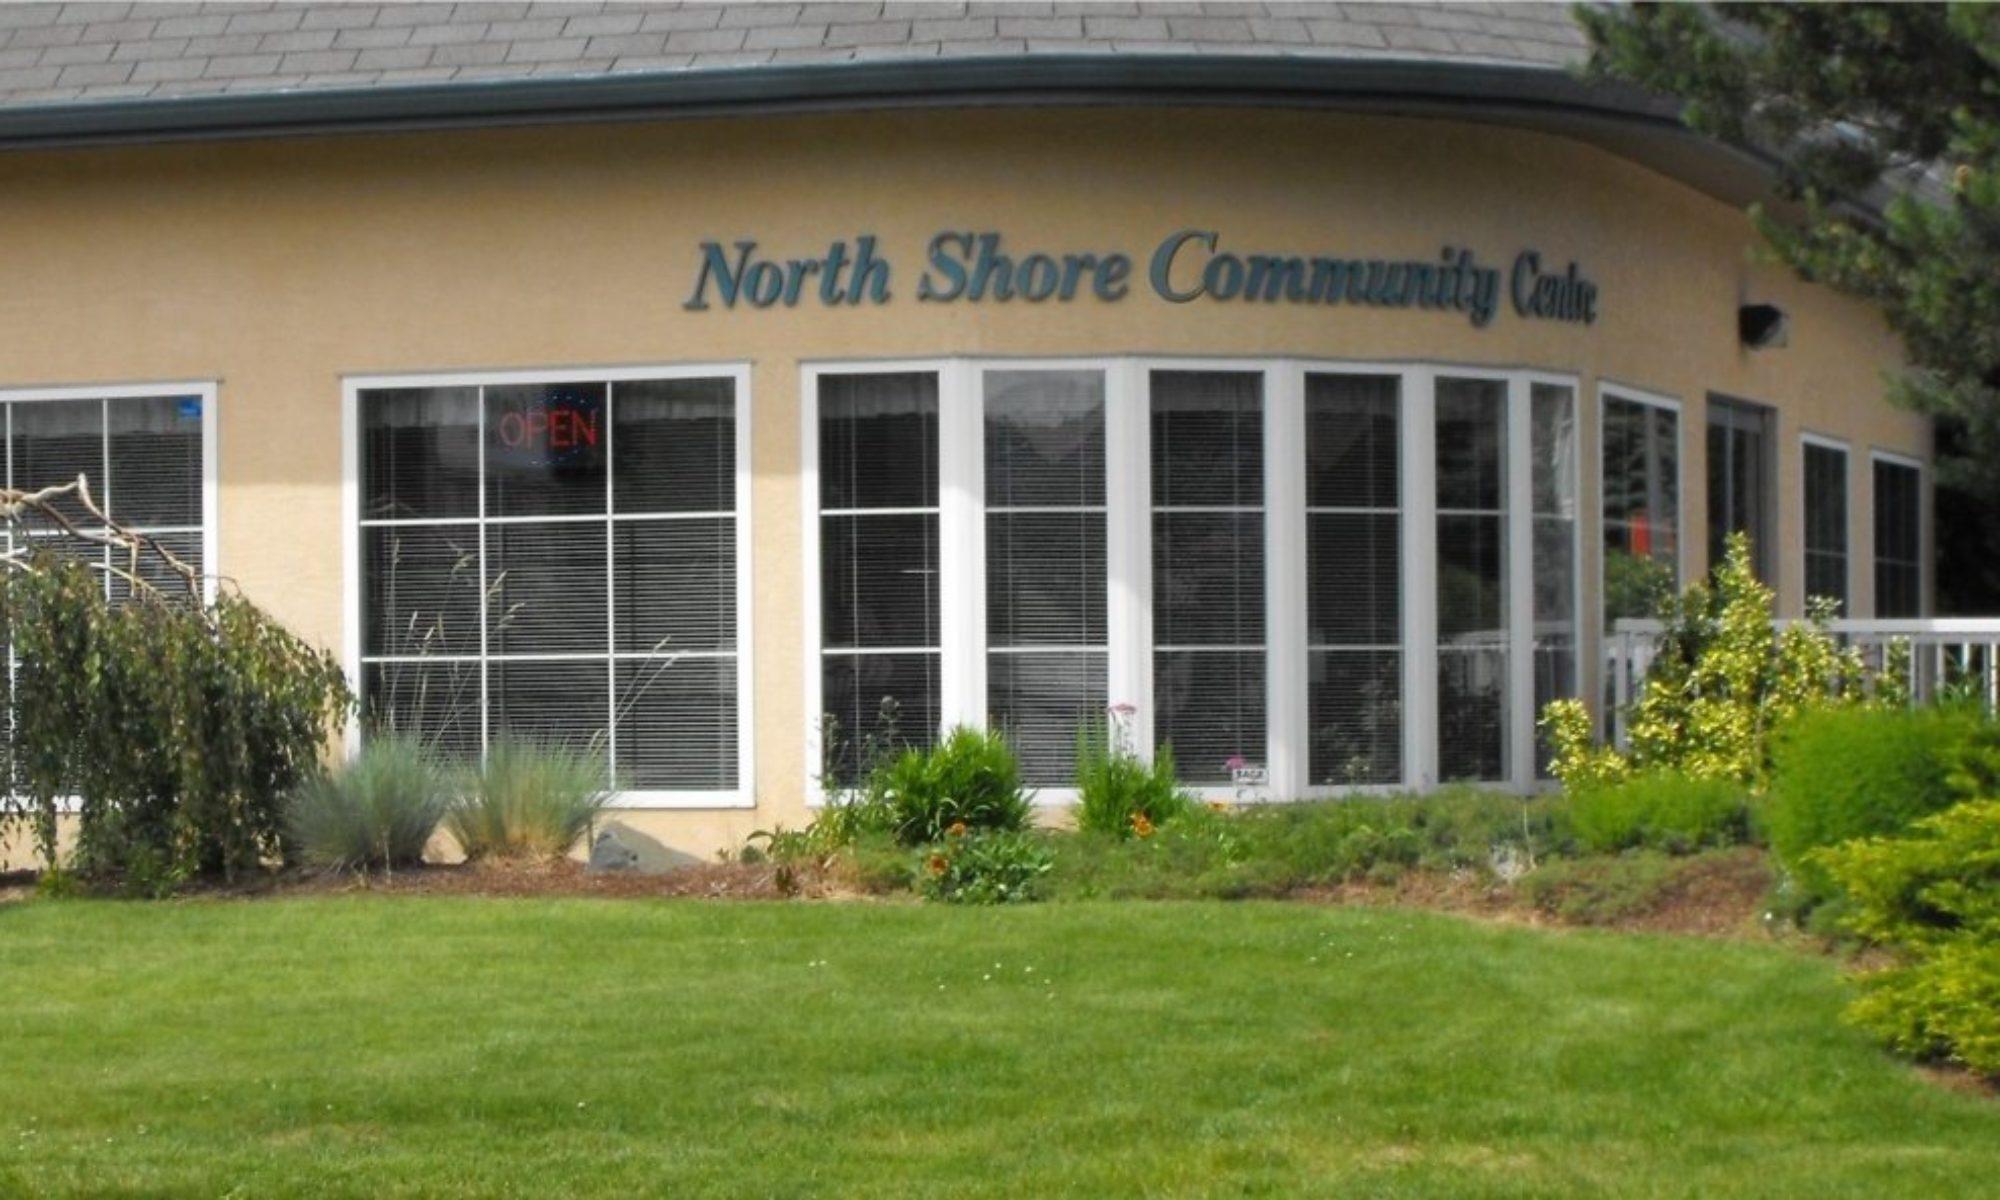 North Shore Community Centre